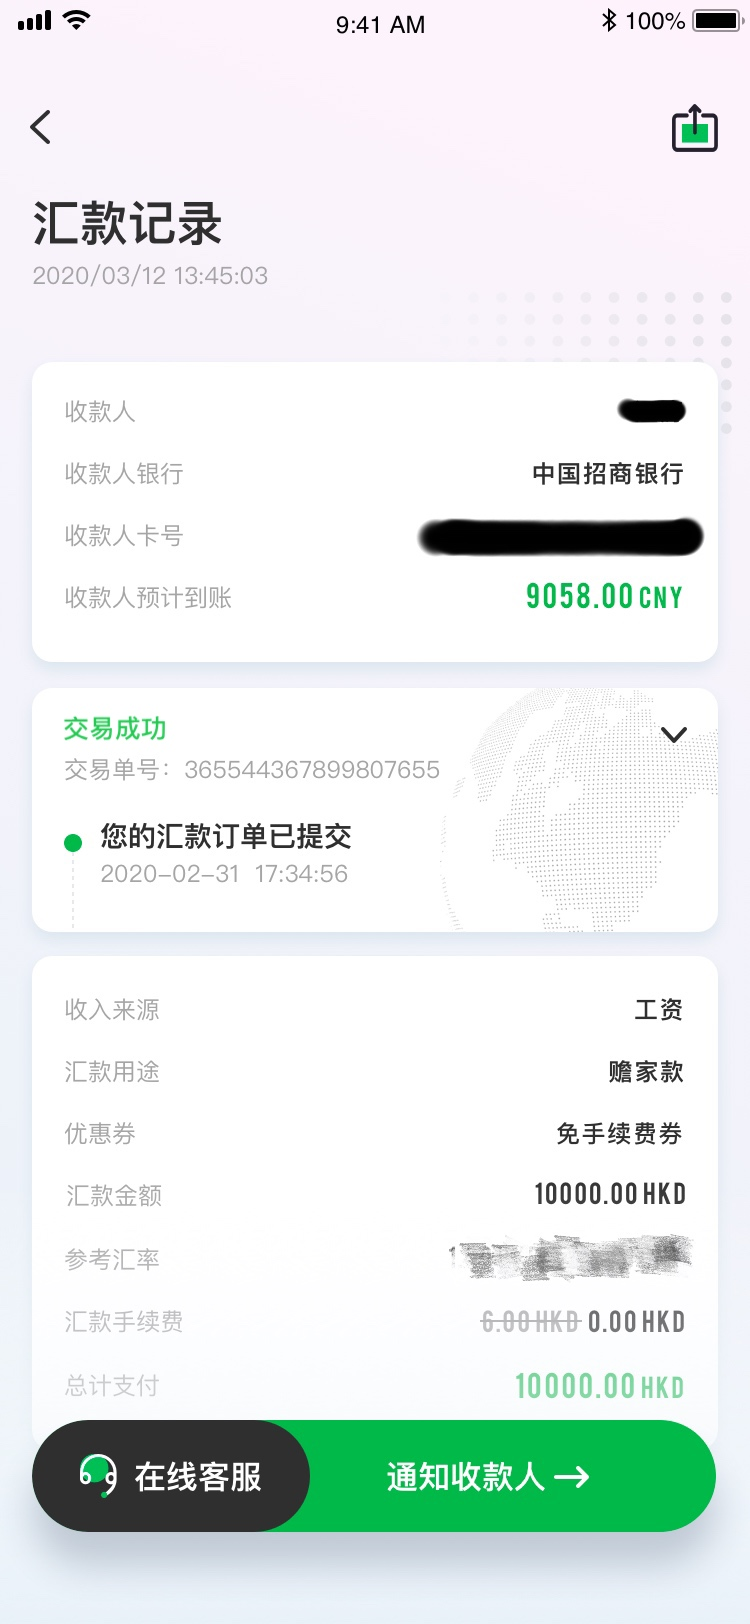 【香港匯款大陸】灣仔區:香港中西結合部—熊貓速匯匯款成功憑證| 熊貓速匯Pandaremit